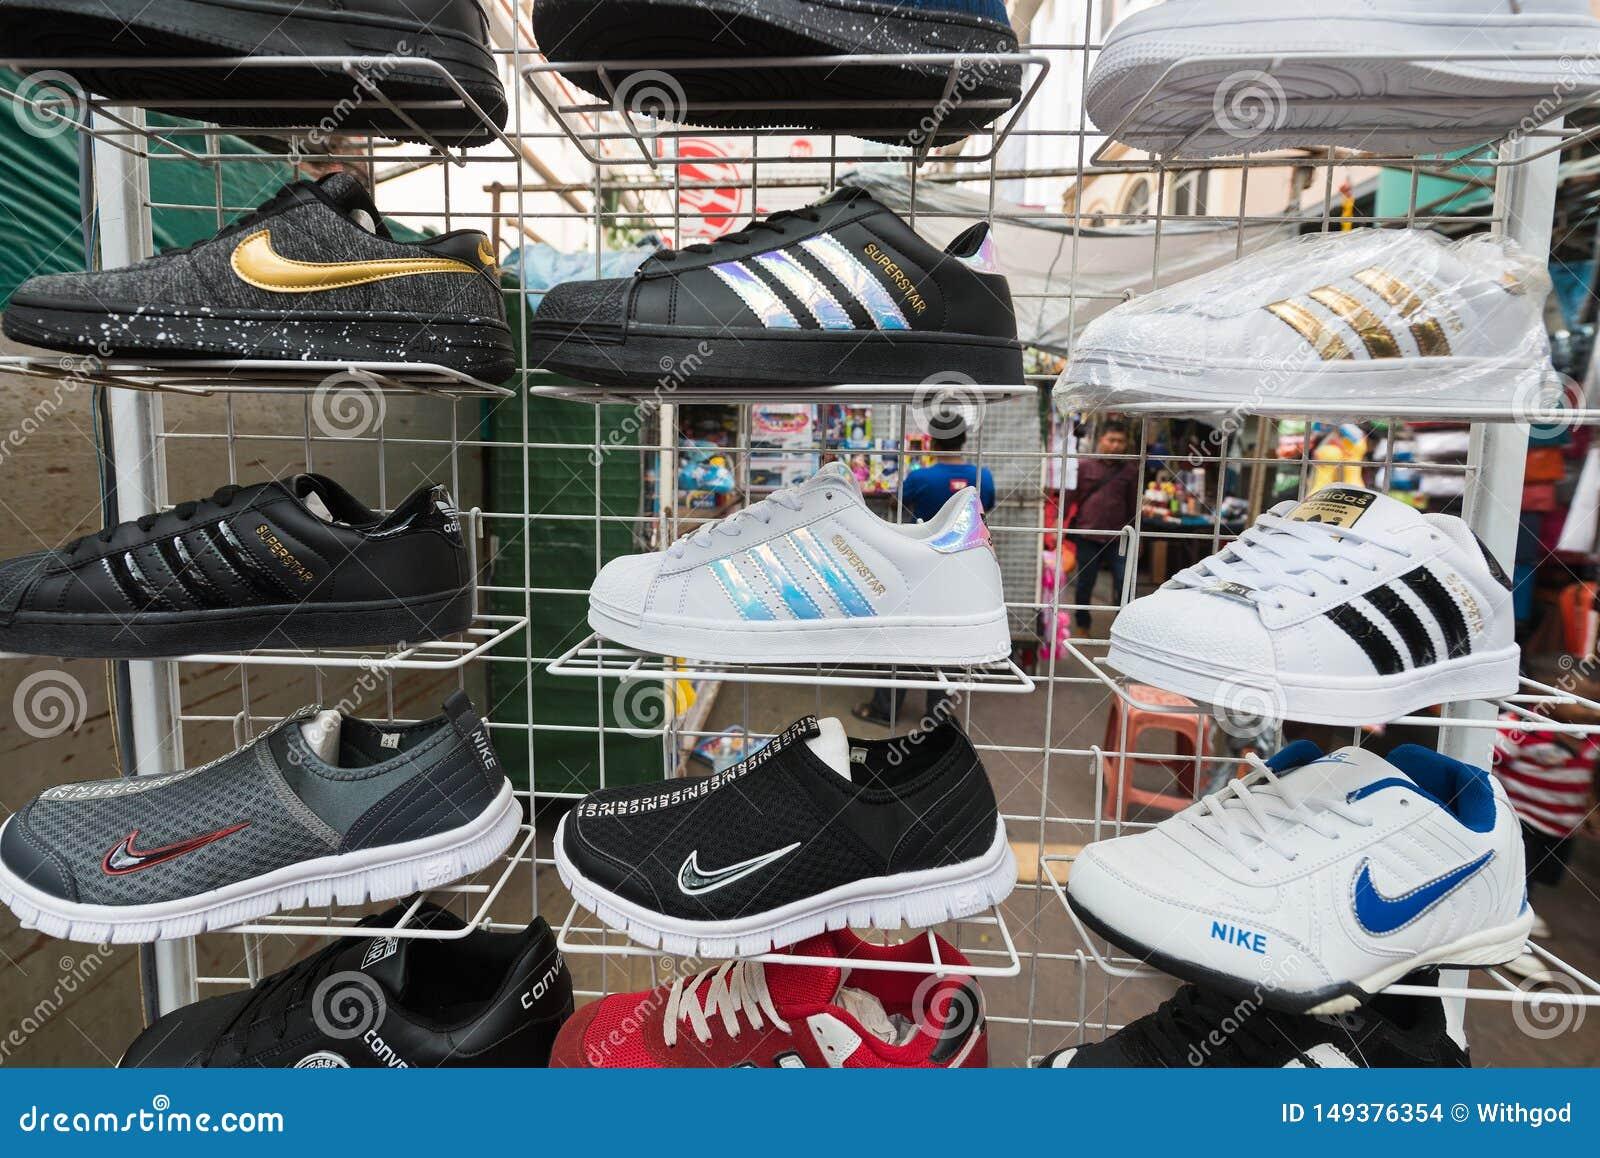 Laboratorio arrastrar Contando insectos  Falsificaci?n Adidas Y Zapatillas De Deporte Del Nike En Kuala Lumpur  Chinatown Imagen de archivo editorial - Imagen de deporte, kuala: 149376354